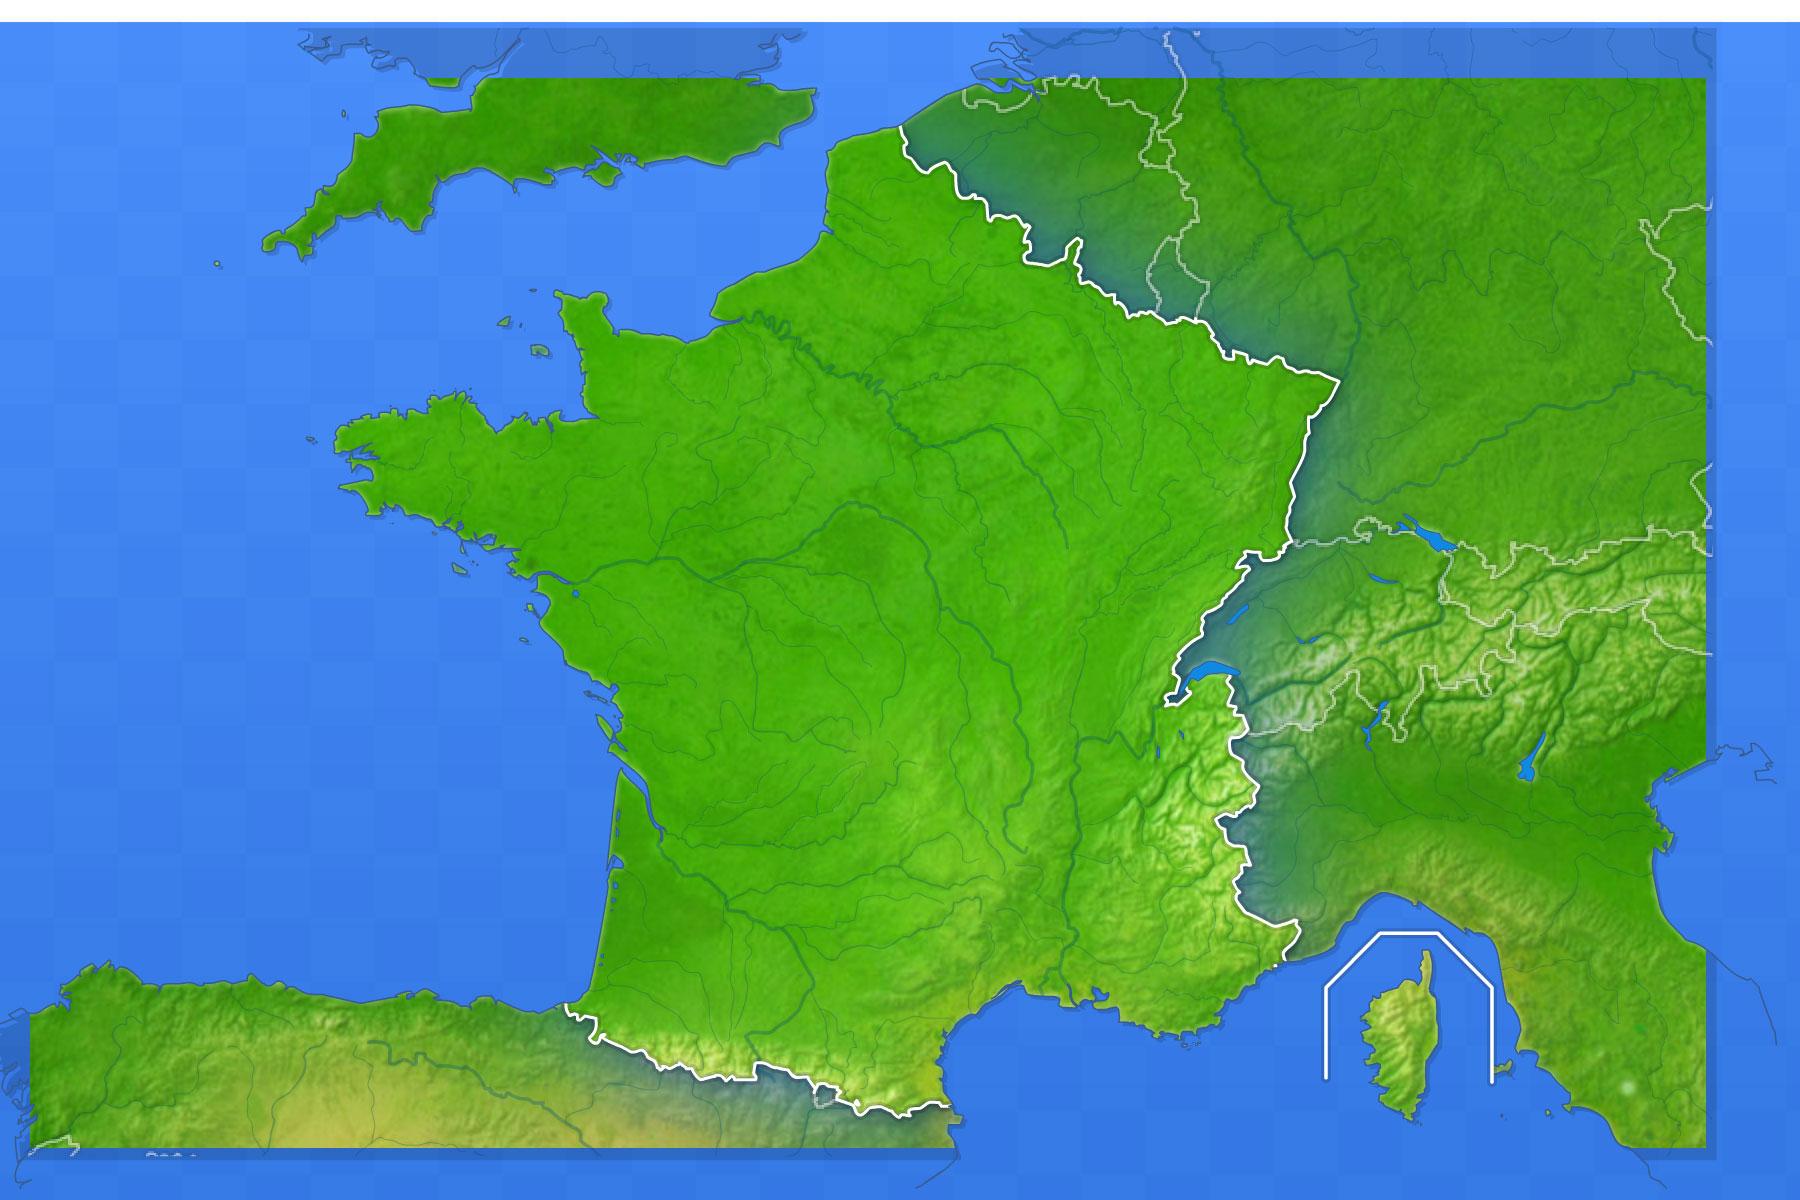 Jeux-Geographiques Jeux Gratuits Jeu Villes De France serapportantà Jeux De Billes Gratuits